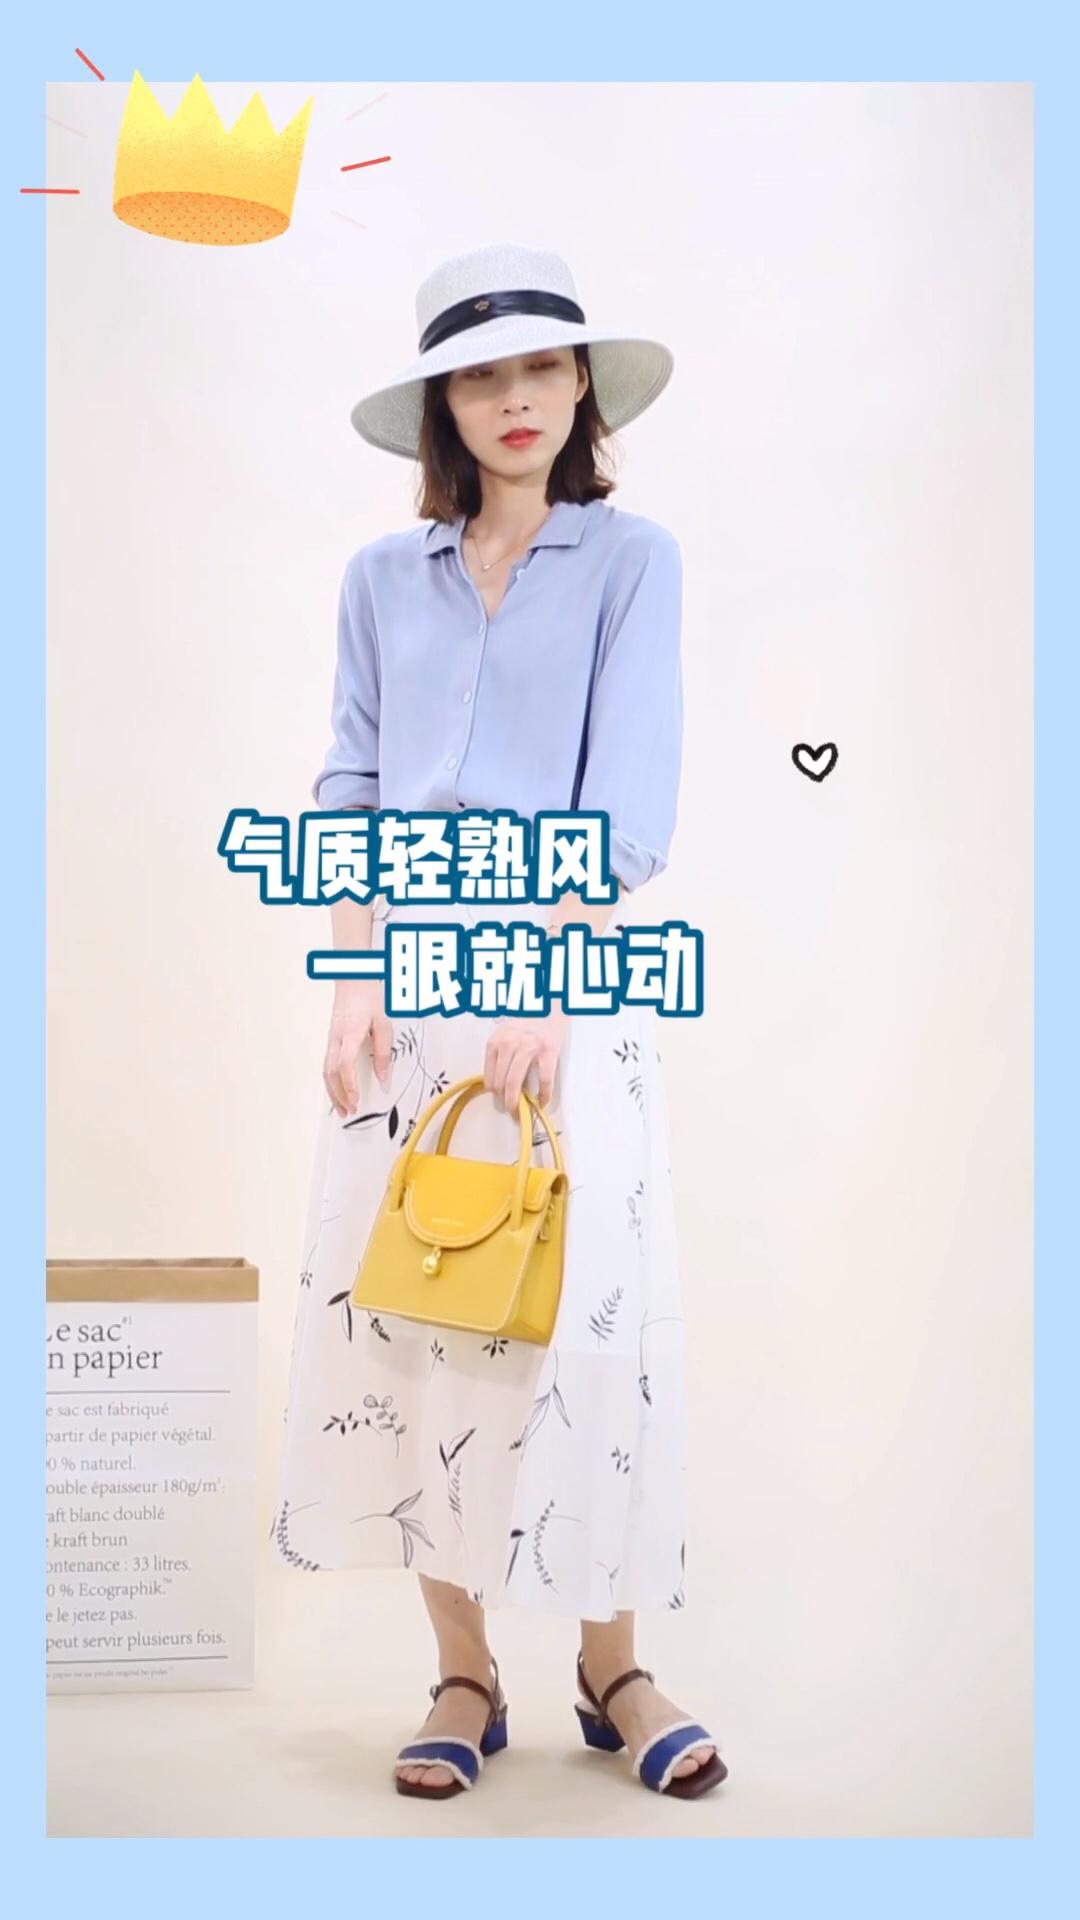 #8月你好,进阶防晒已备好# 夏天外出的时候选择一件舒服透气的长袖衬衫也是很不错的选择 米色印花半身裙优雅气质 颜色也非常清爽很适合这个炎热的夏天 整套颜色比较素 包包选择了亮黄色提亮一下~